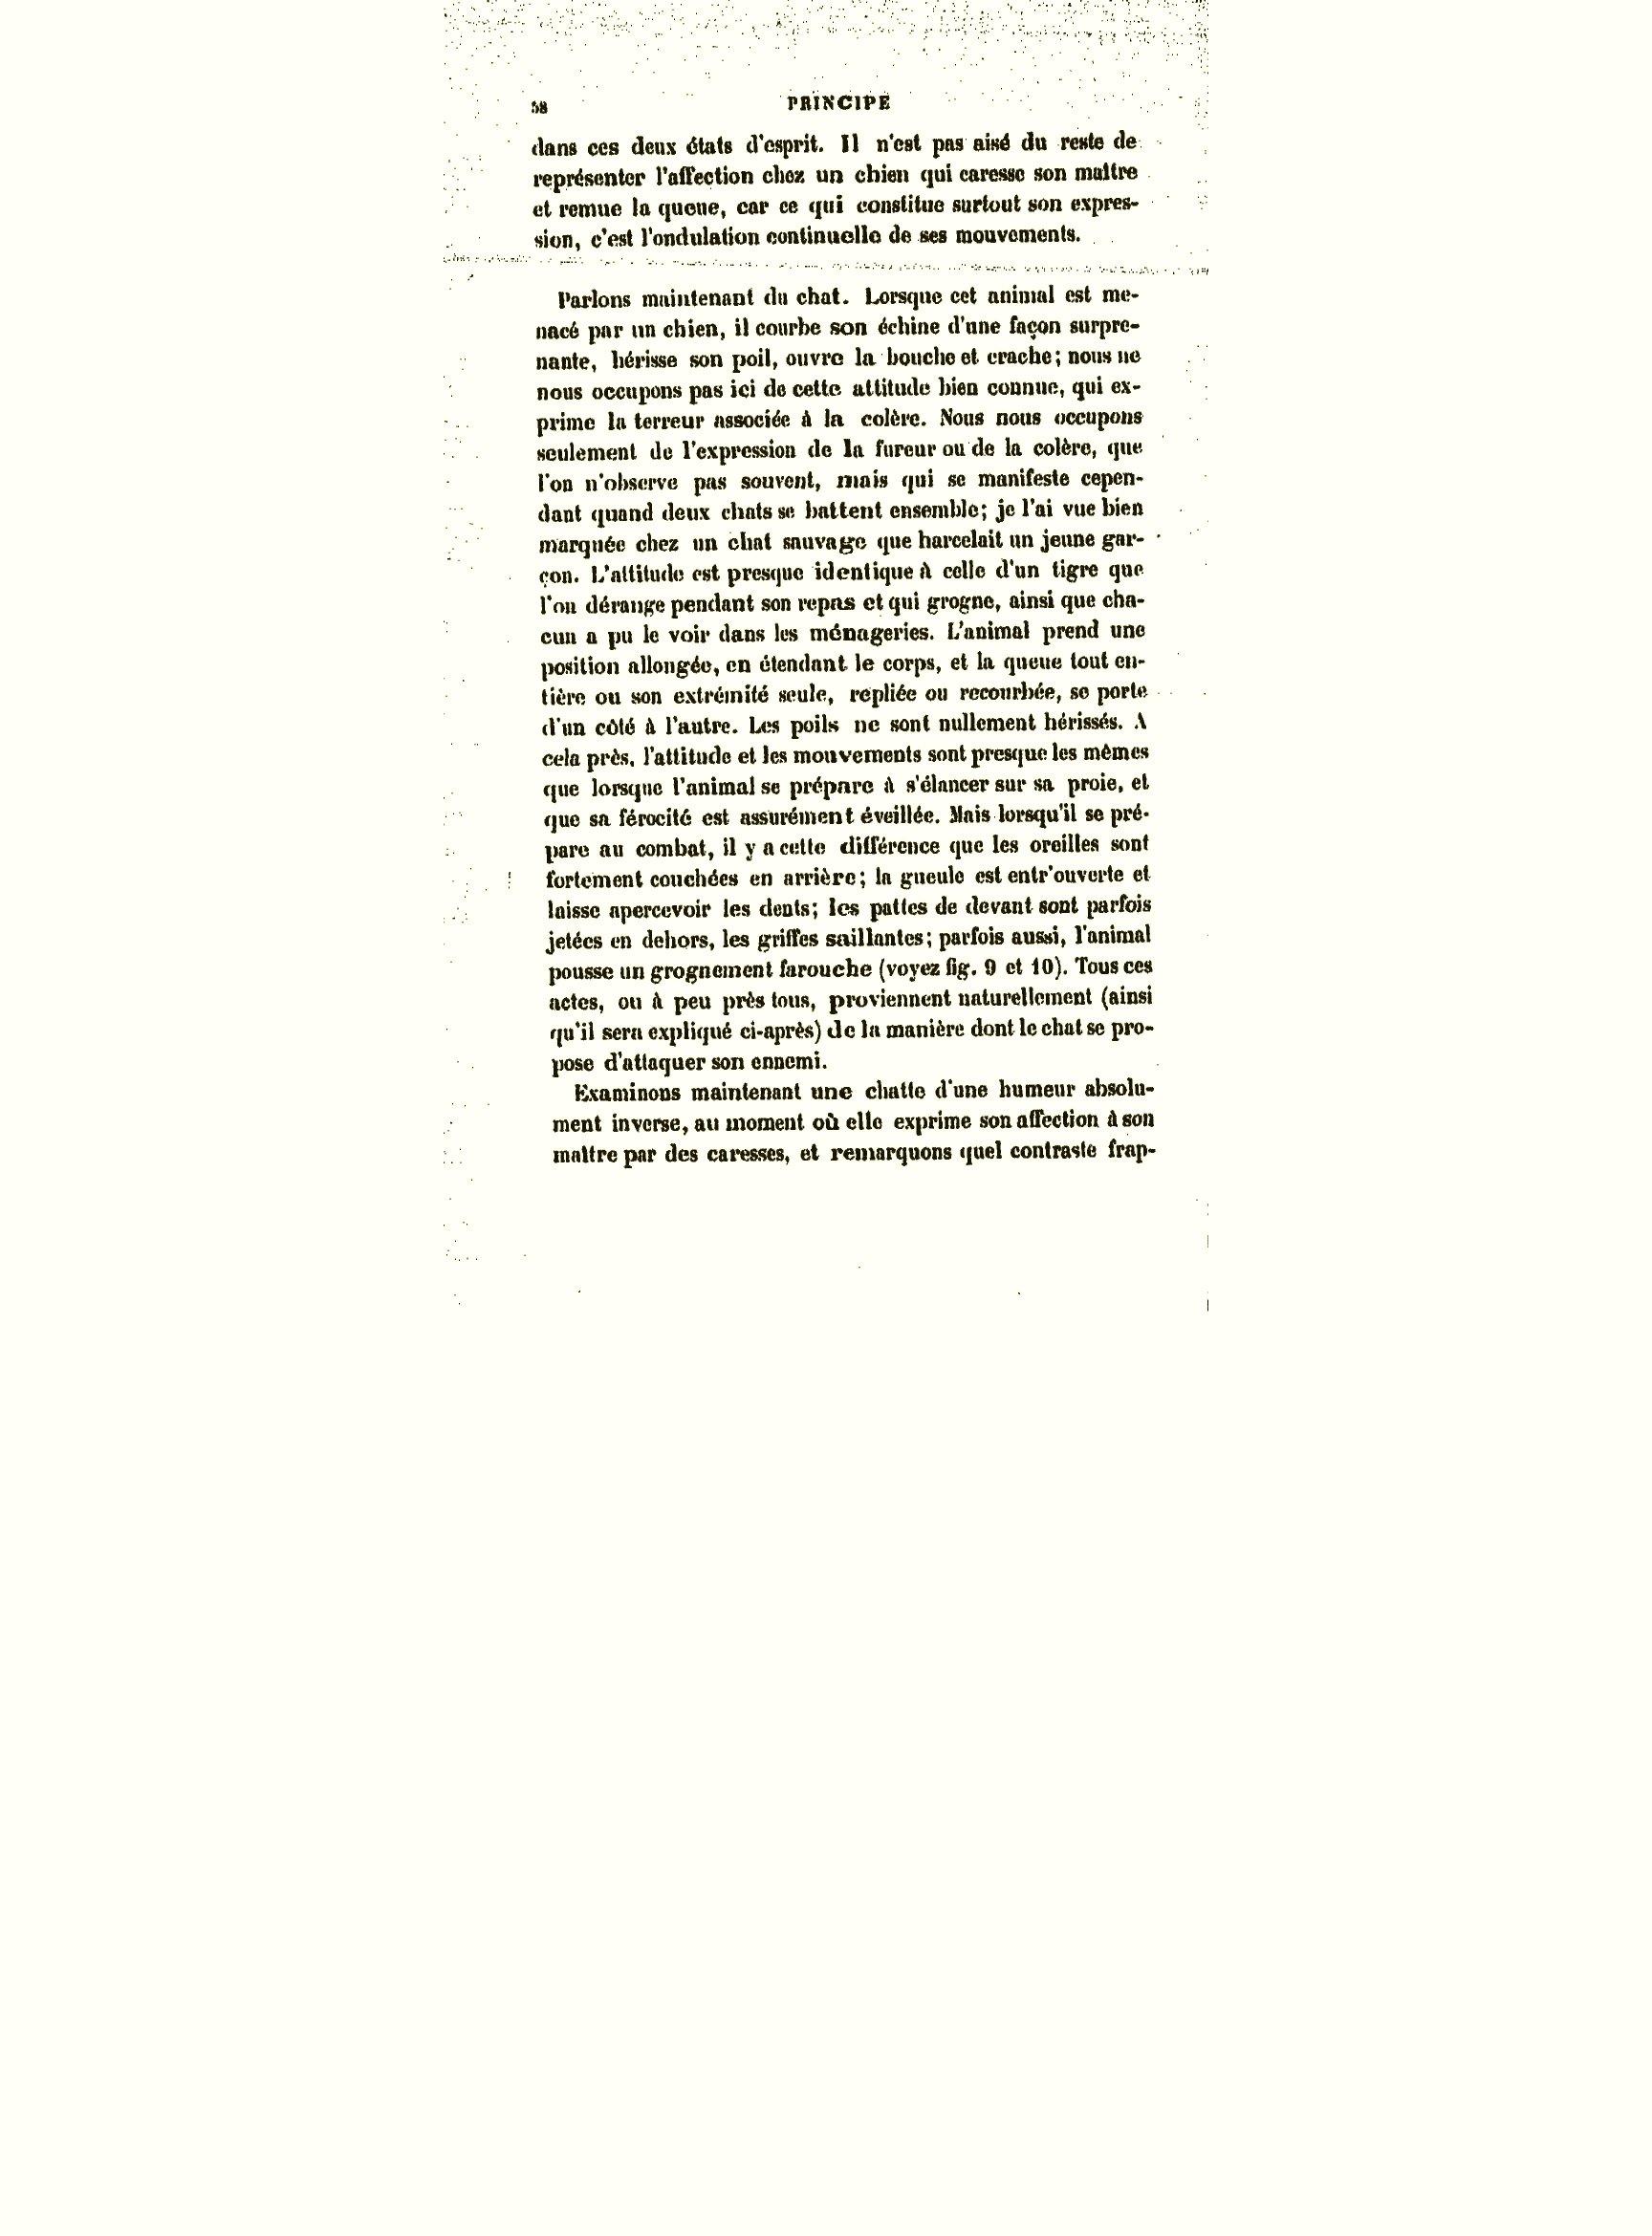 Darwin, C. R. 1890. L'expression des Émotions chez l'homme